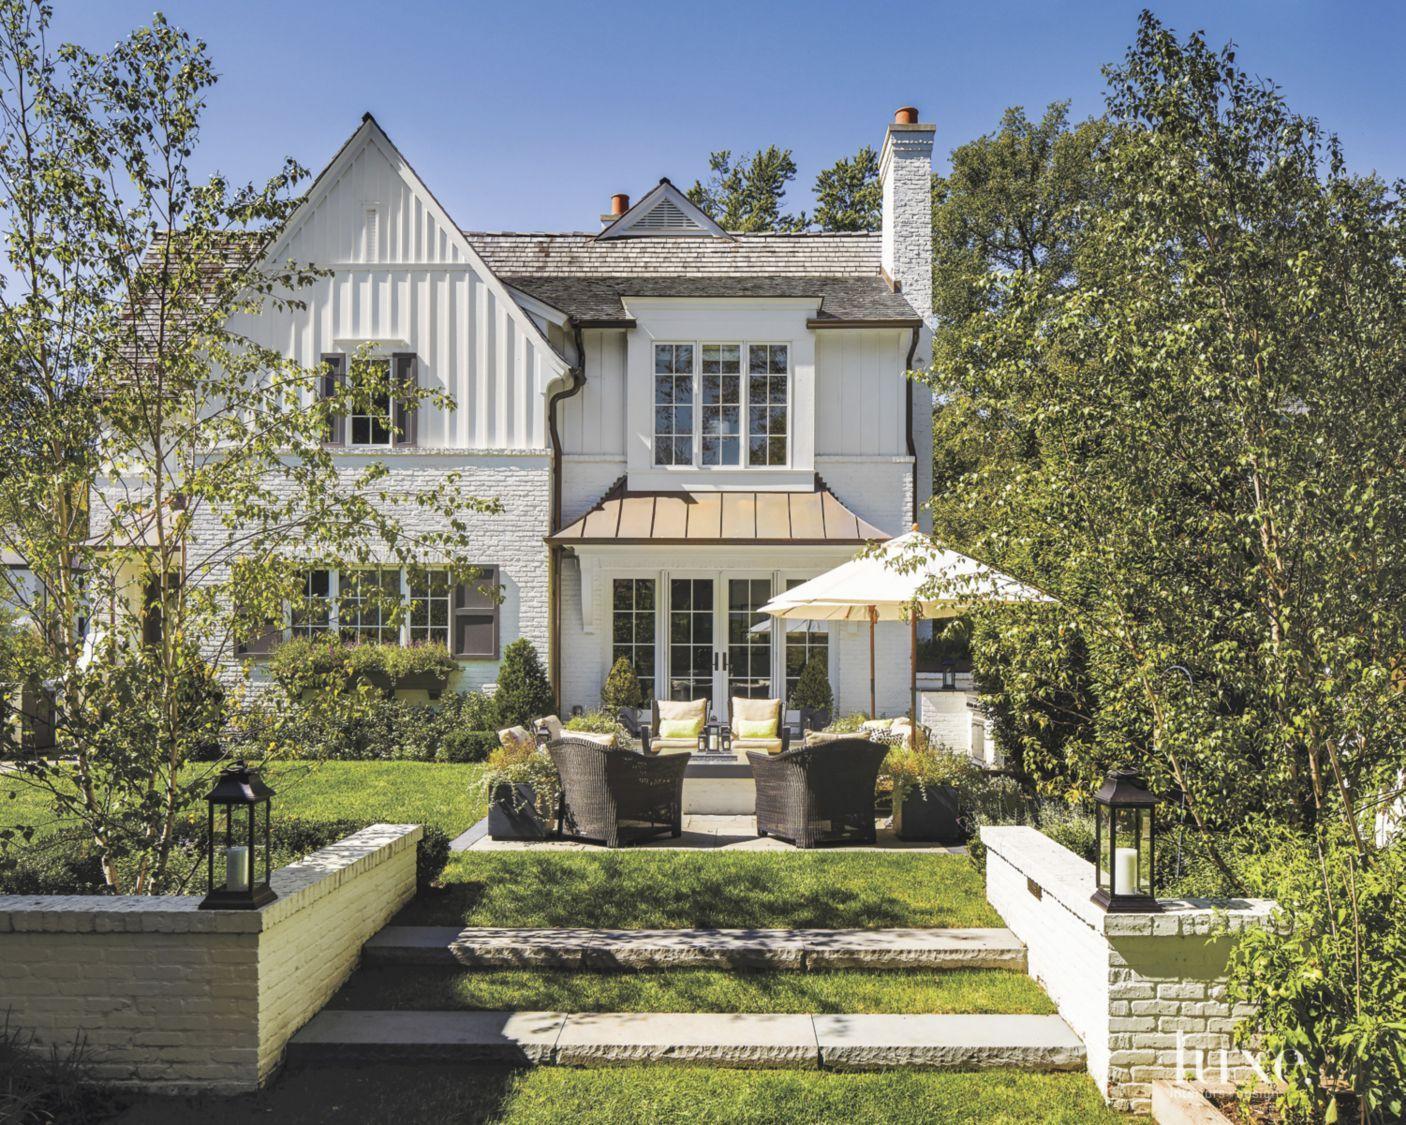 20 ways to transform your backyard backyard exterior design and